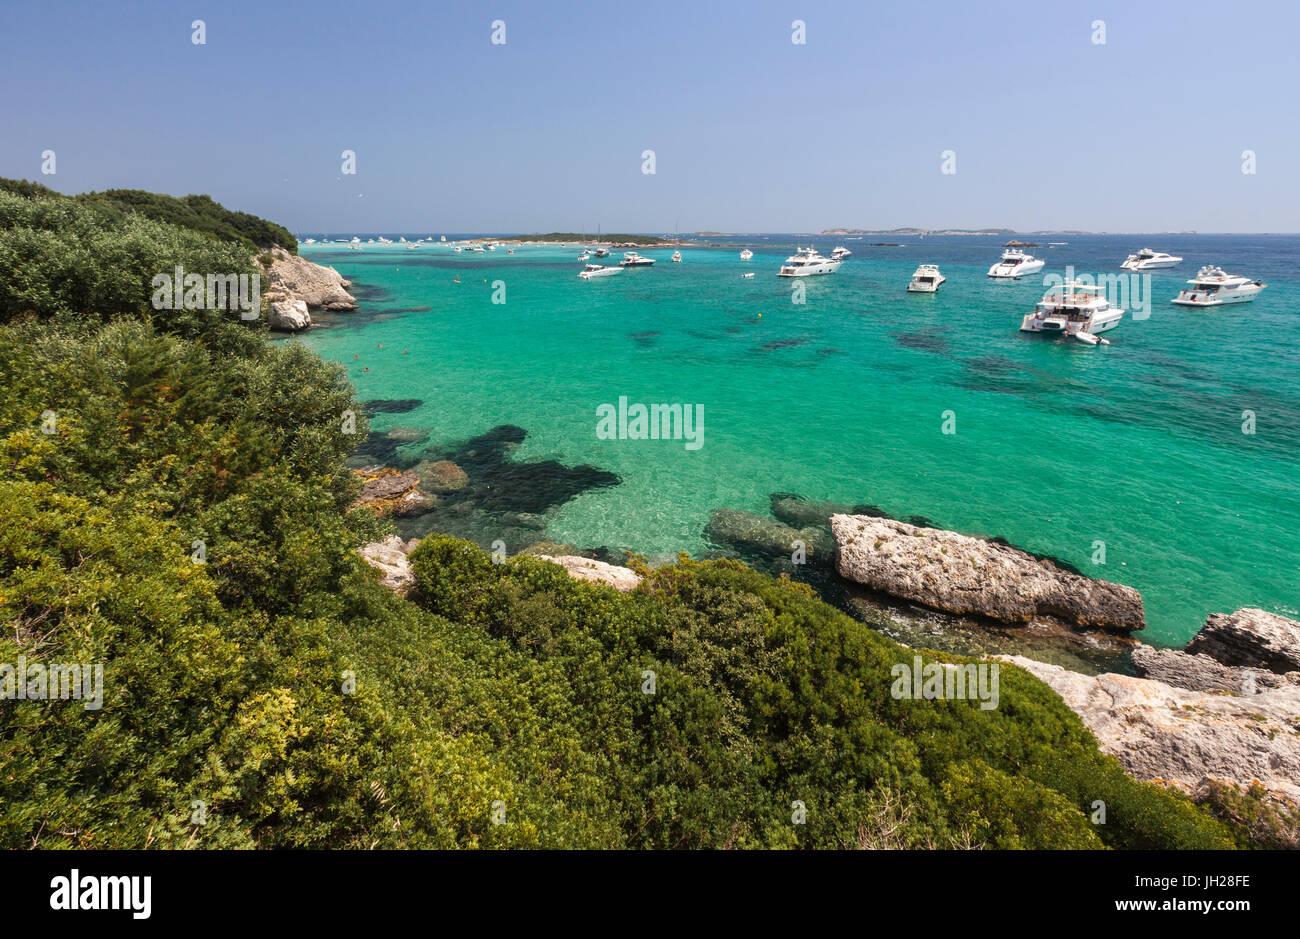 Grüner Vegetation des Landesinneren rahmt die Geschwindigkeit Boote ankern in das kristallklare Meer, Sperone, Stockbild